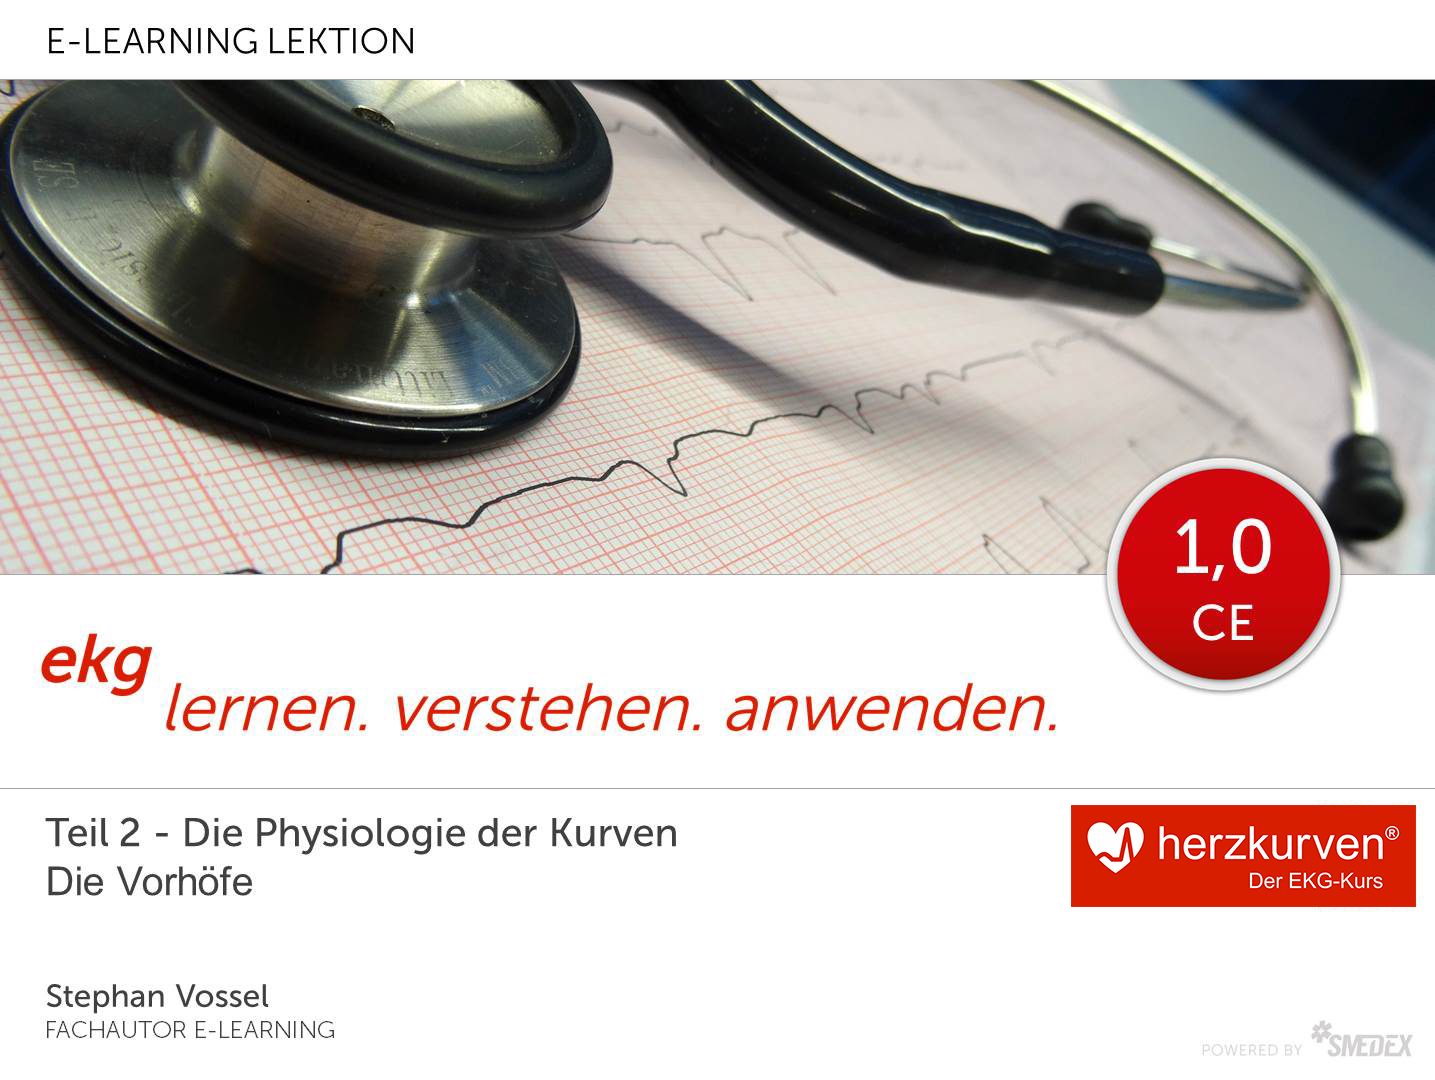 Großzügig Vorhöfe Fotos - Anatomie Ideen - finotti.info